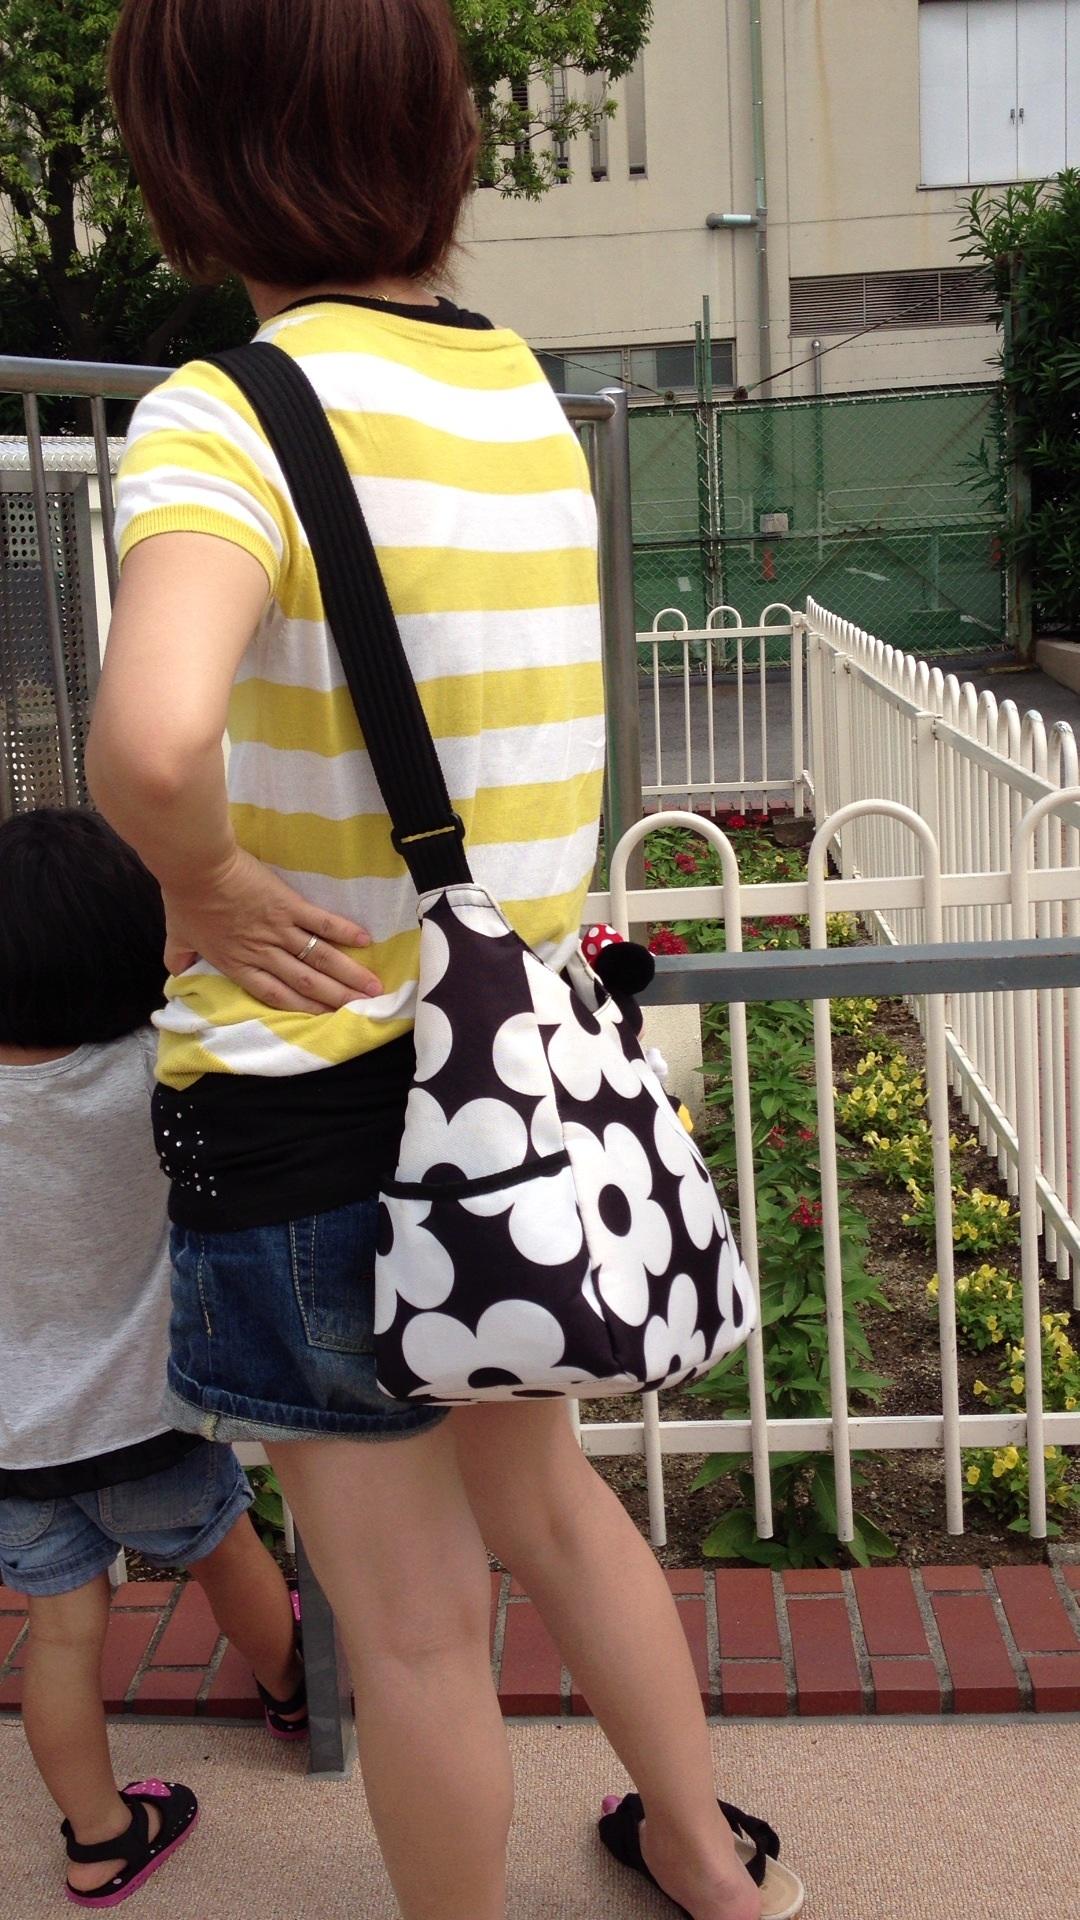 【街撮り画像】街で見つけた無防備そうなママさんの姿に萌える 18